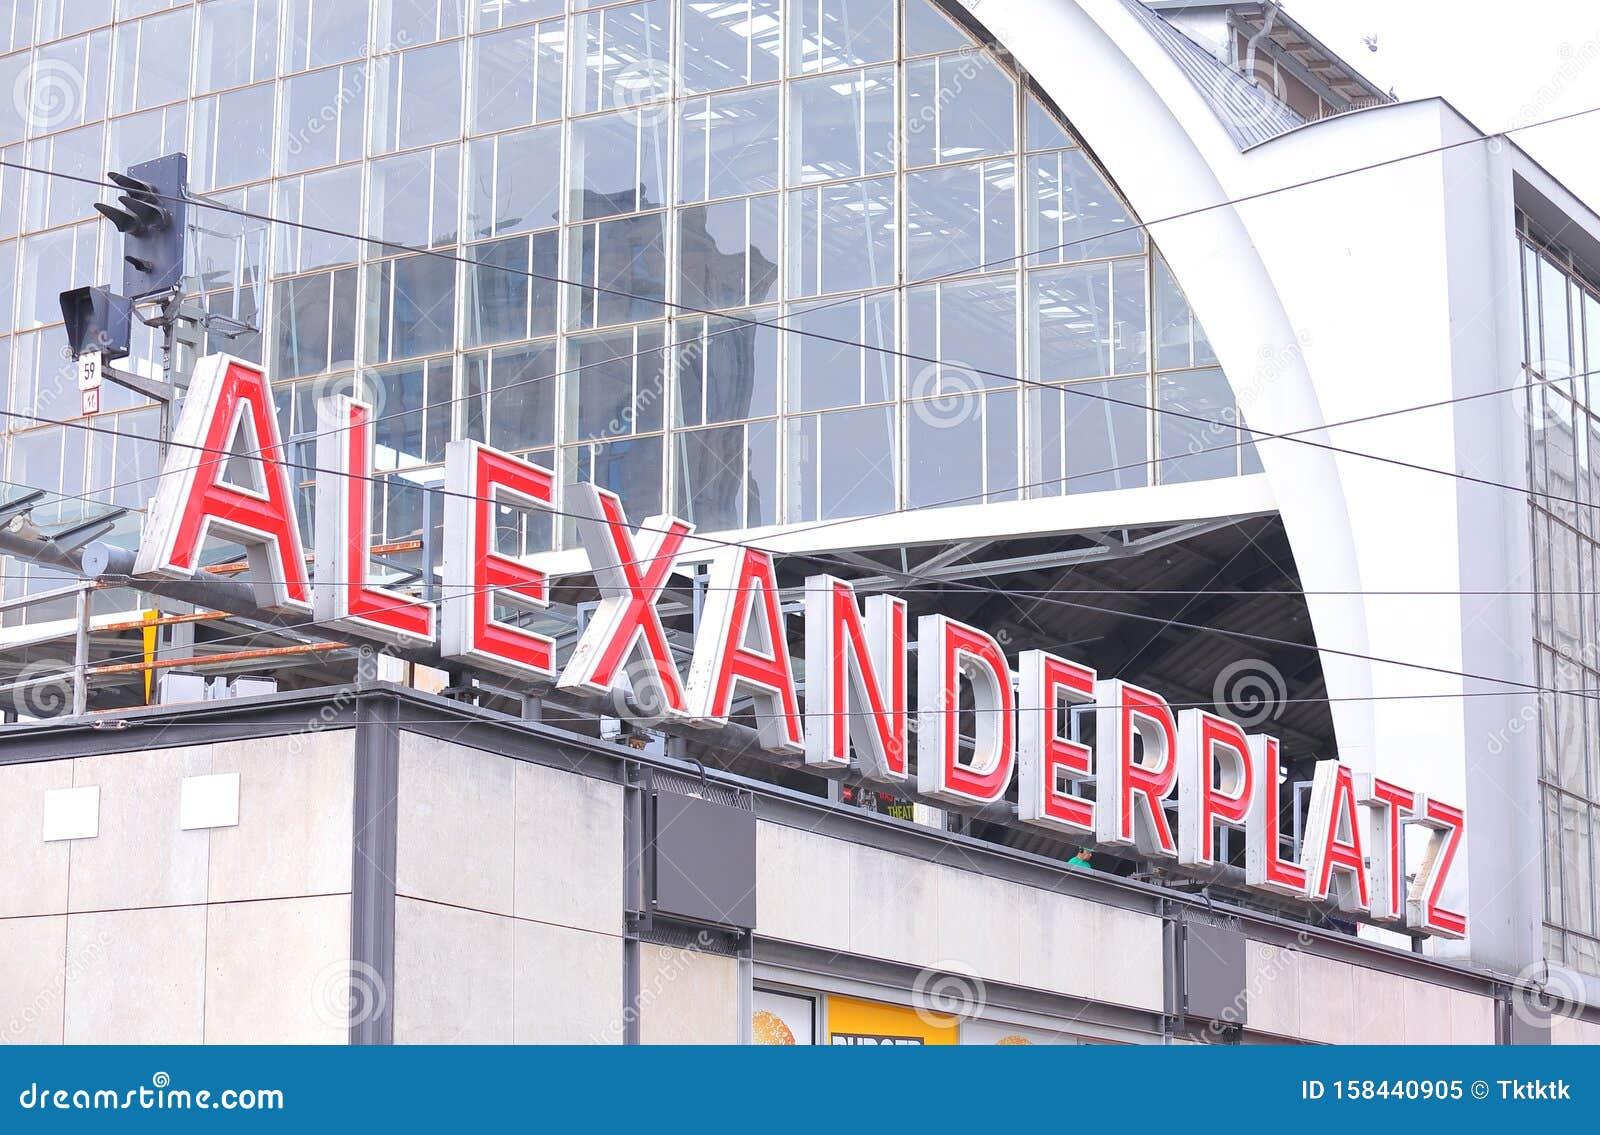 Alexanderplatz - Bahnhof Berlin Deutschland Redaktionelles Bild - Bild von  metro, untergrundbahn: 158440905